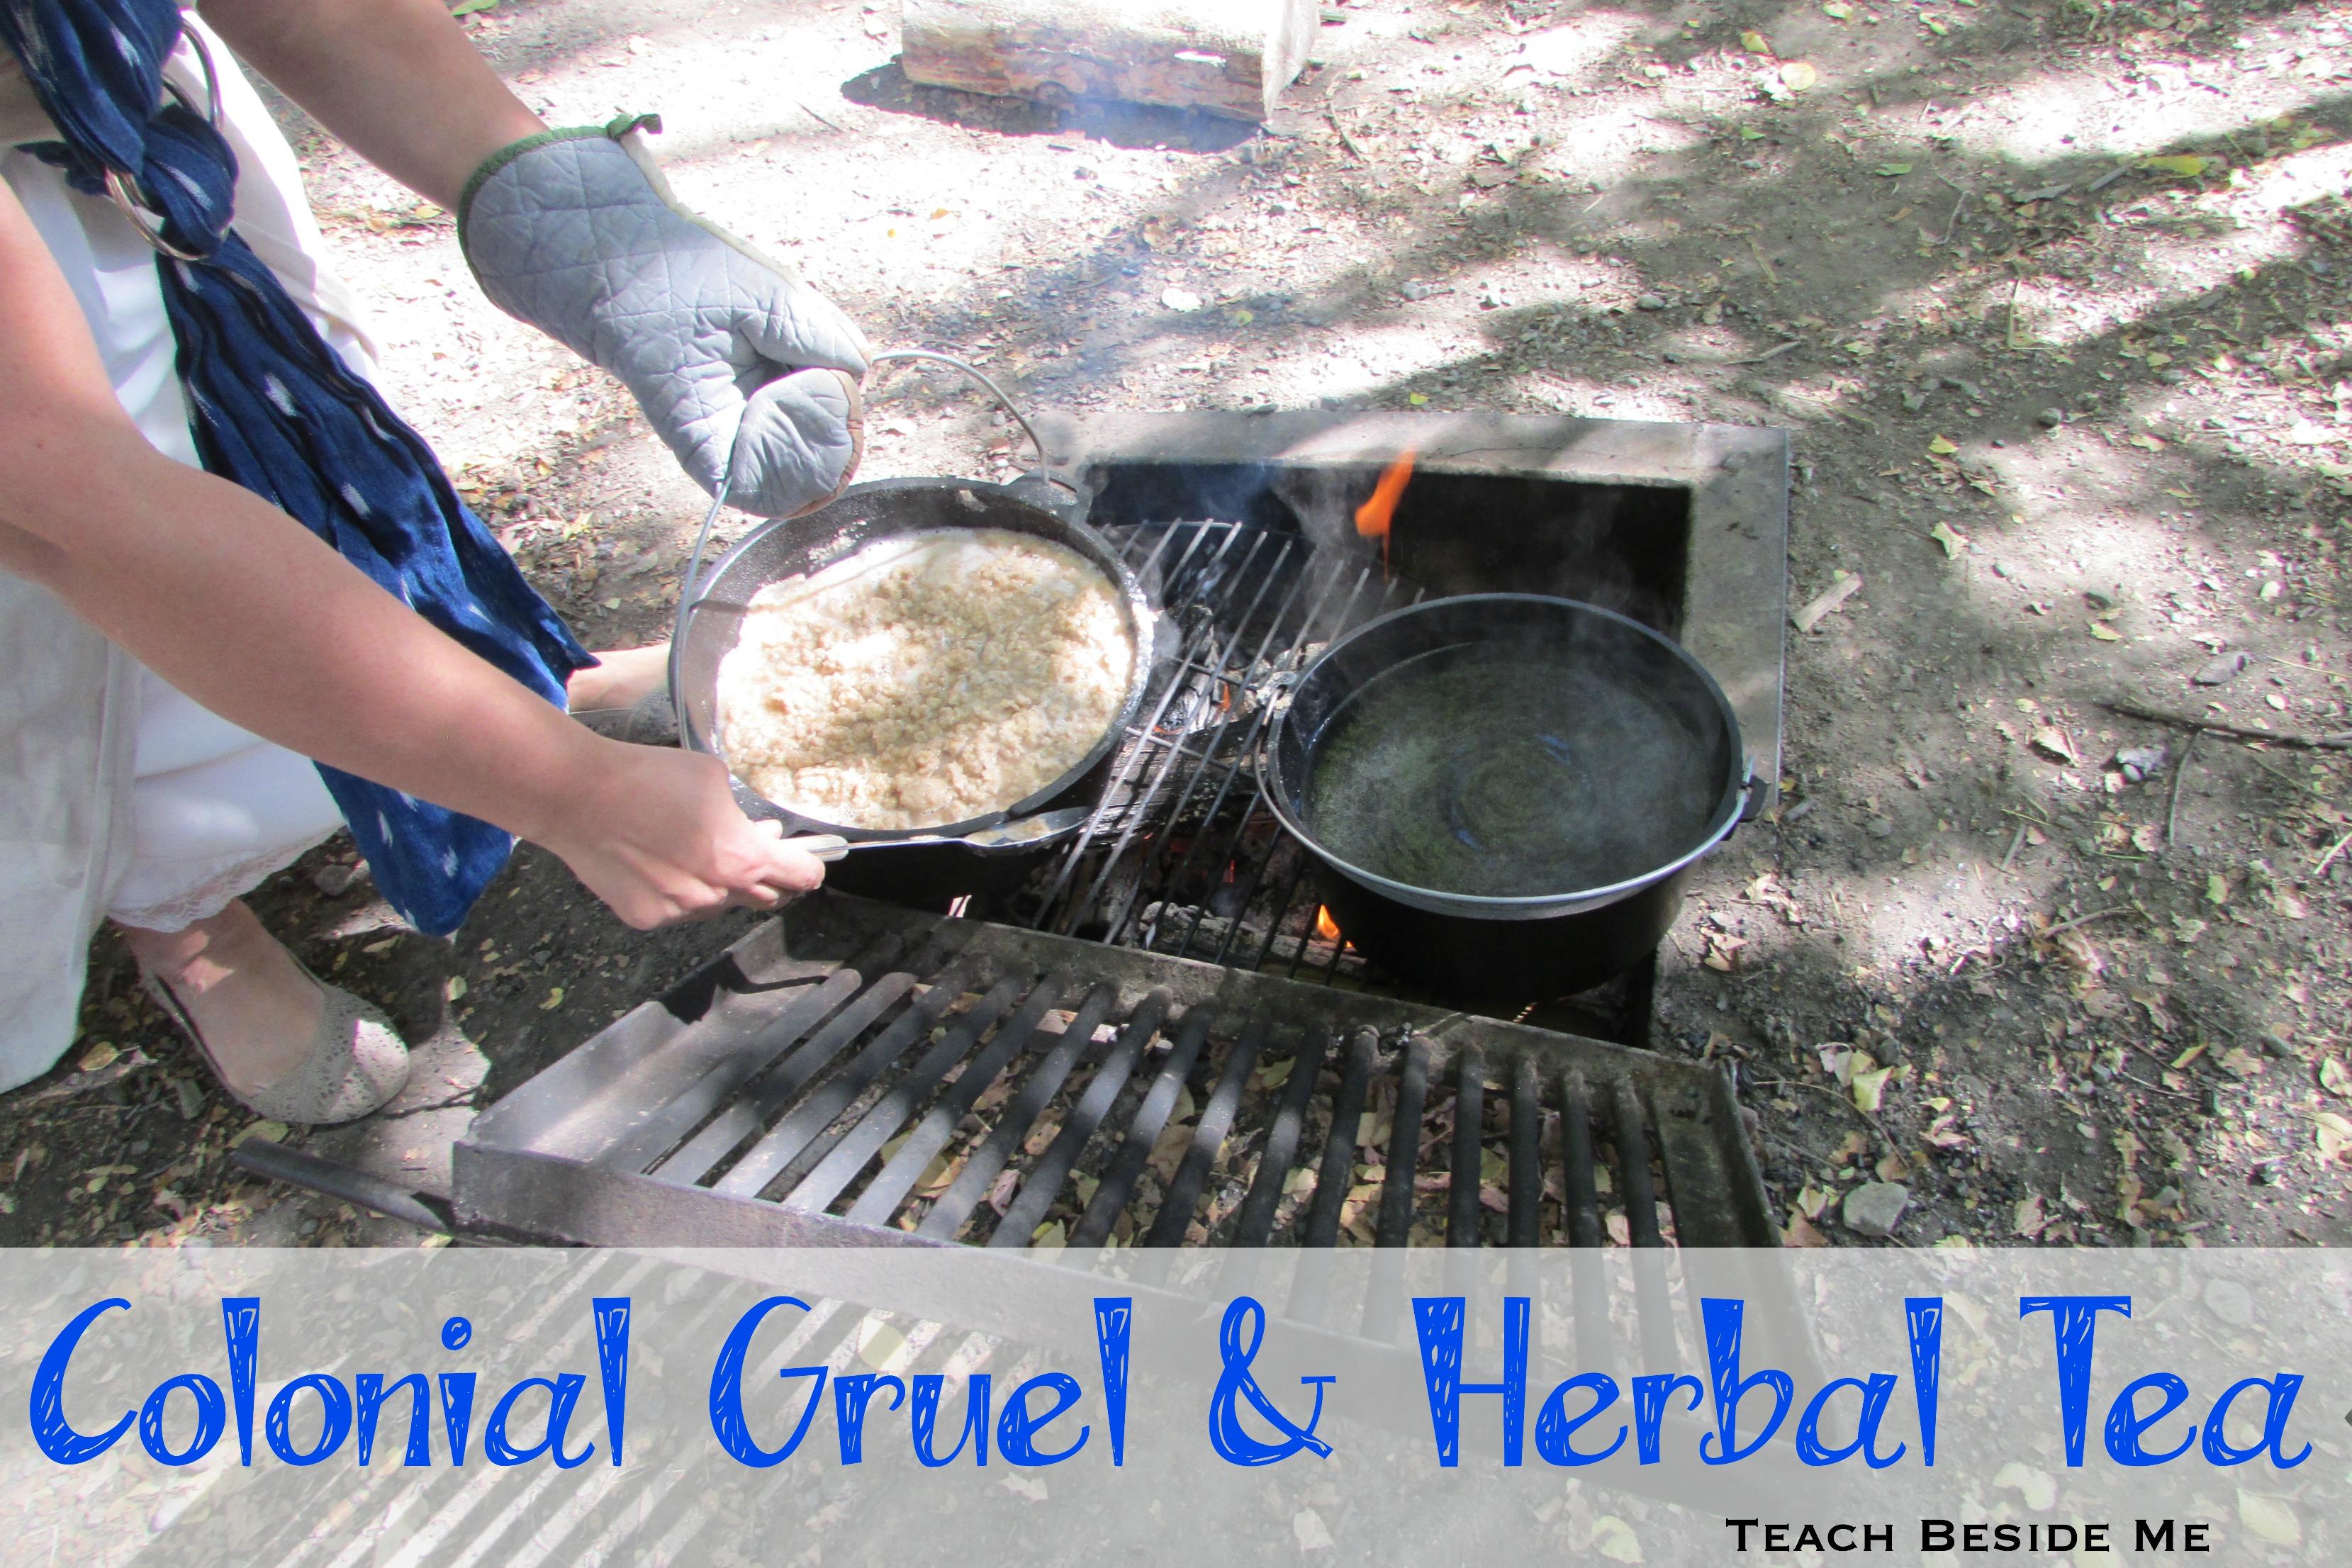 Colonial Gruel & Herbal Tea